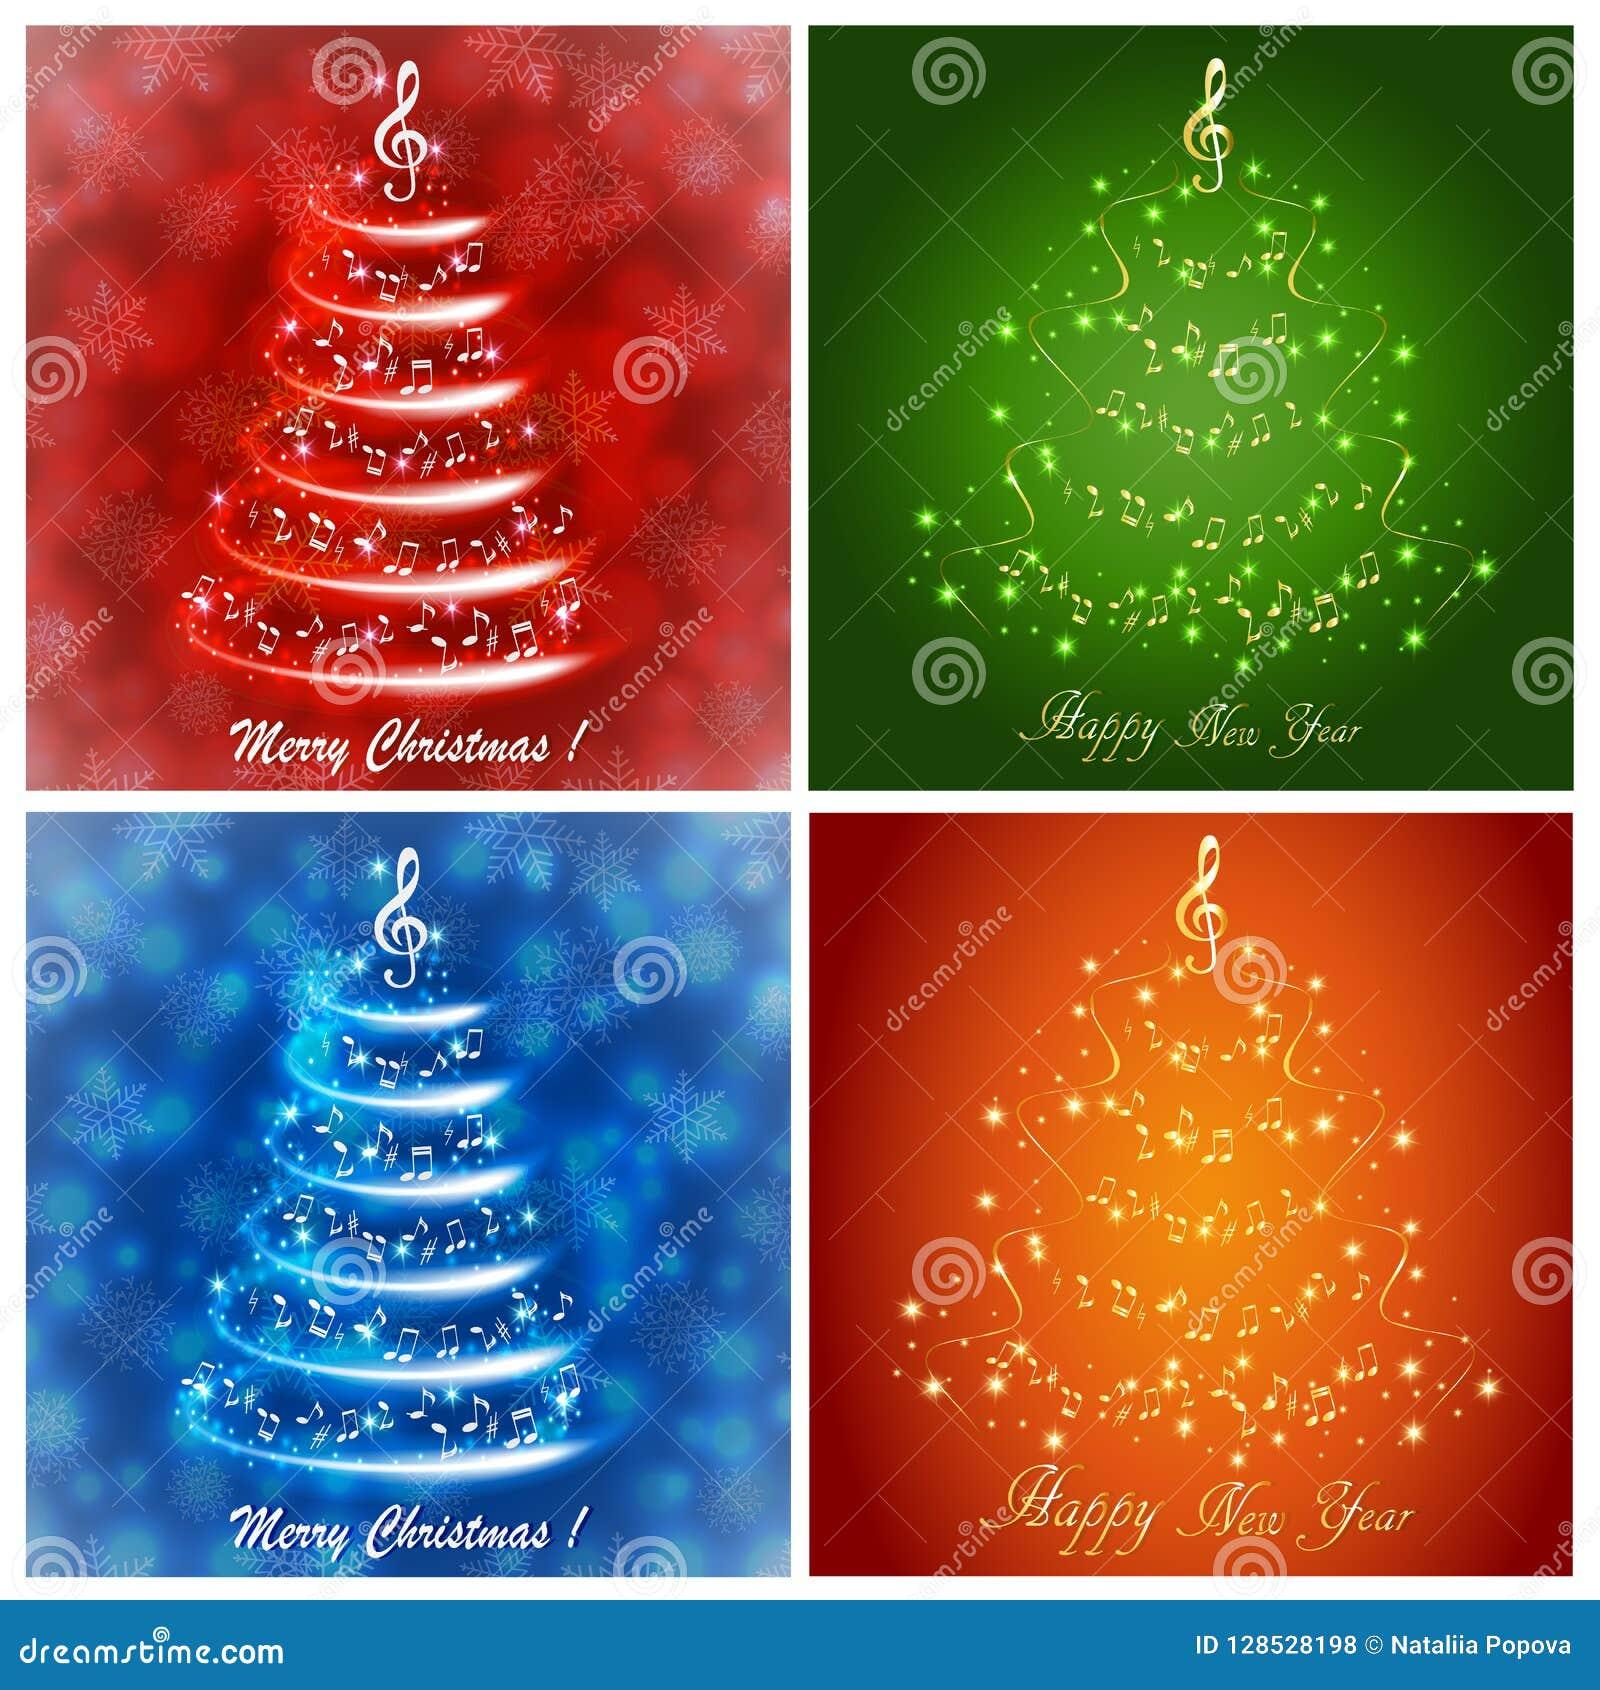 Σύνολο πολύχρωμων ευχετήριων καρτών με ένα αφηρημένο μουσικό χριστουγεννιάτικο δέντρο, με τις σημειώσεις και το τριπλό clef